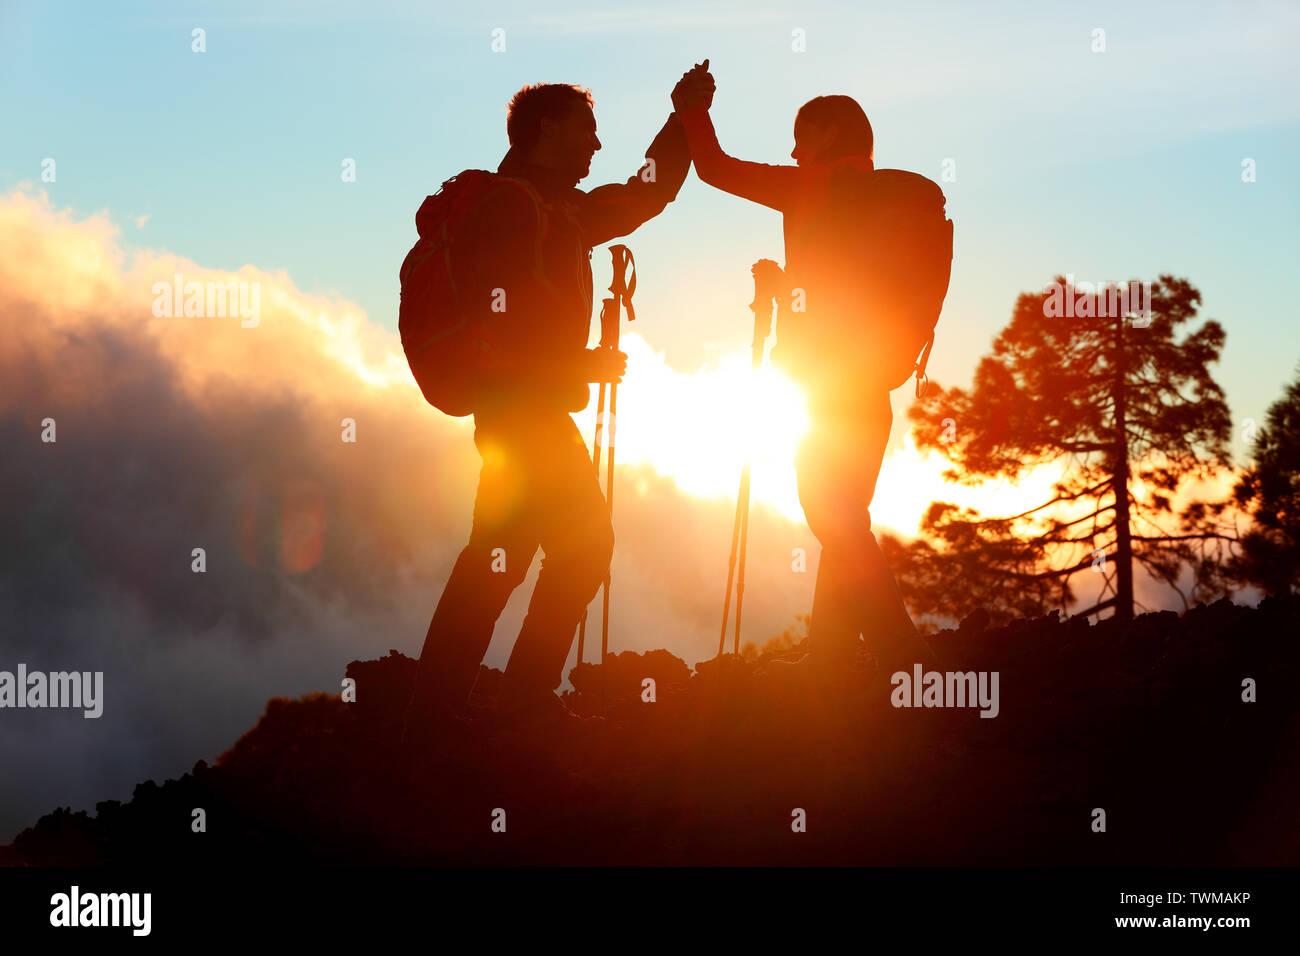 Les personnes qui atteignent le haut sommet randonnée haute donnant cinq à montagne au coucher du soleil. Superbdevotie couple silhouette. Succès, la réalisation et l'accomplissement de personnes Banque D'Images